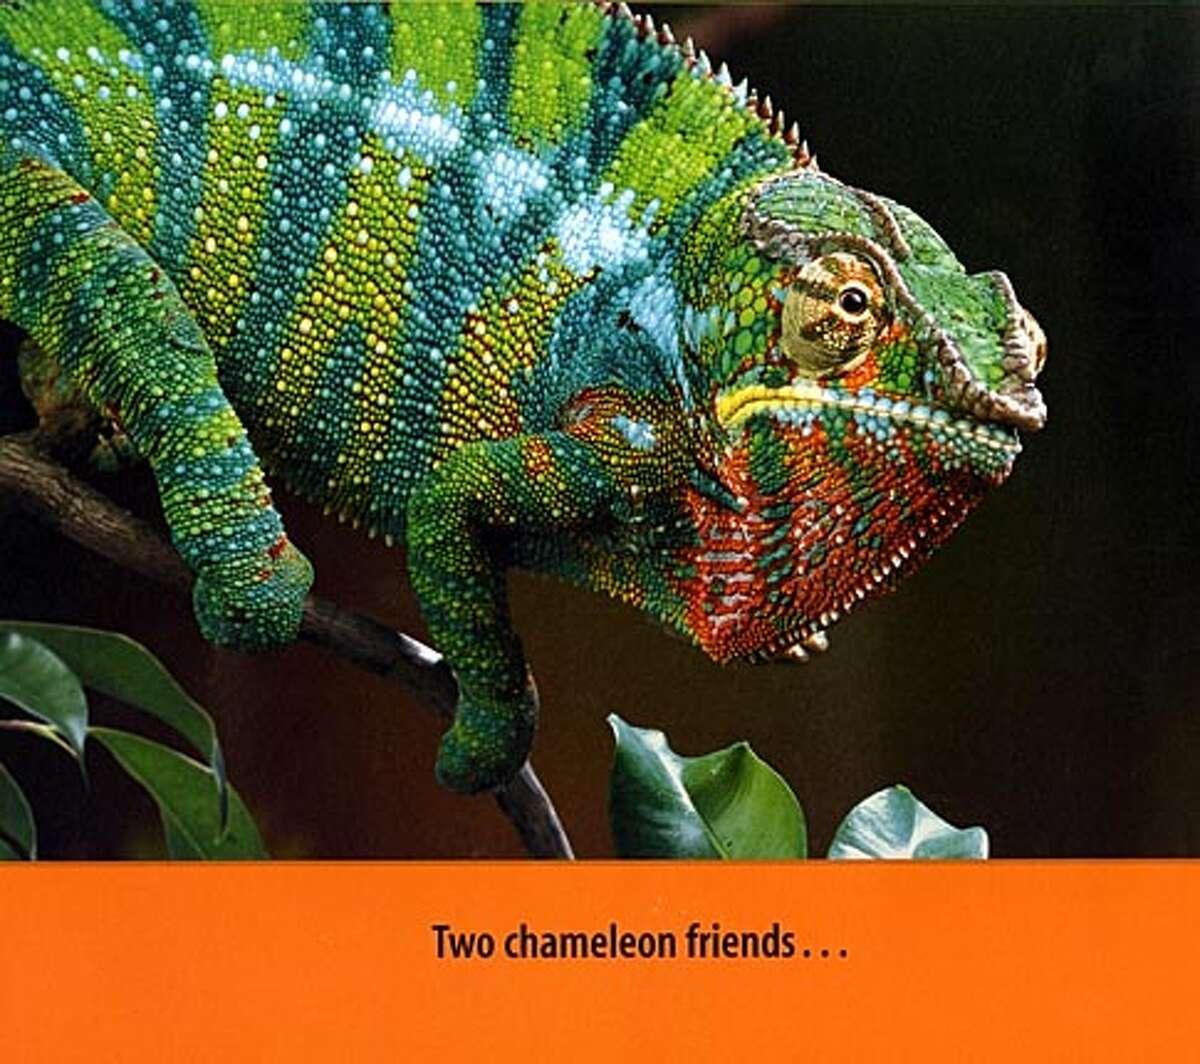 From Chameleon, Chameleon BookReview#BookReview#Chronicle#06-26-2005#ALL#2star#e6#0423032655